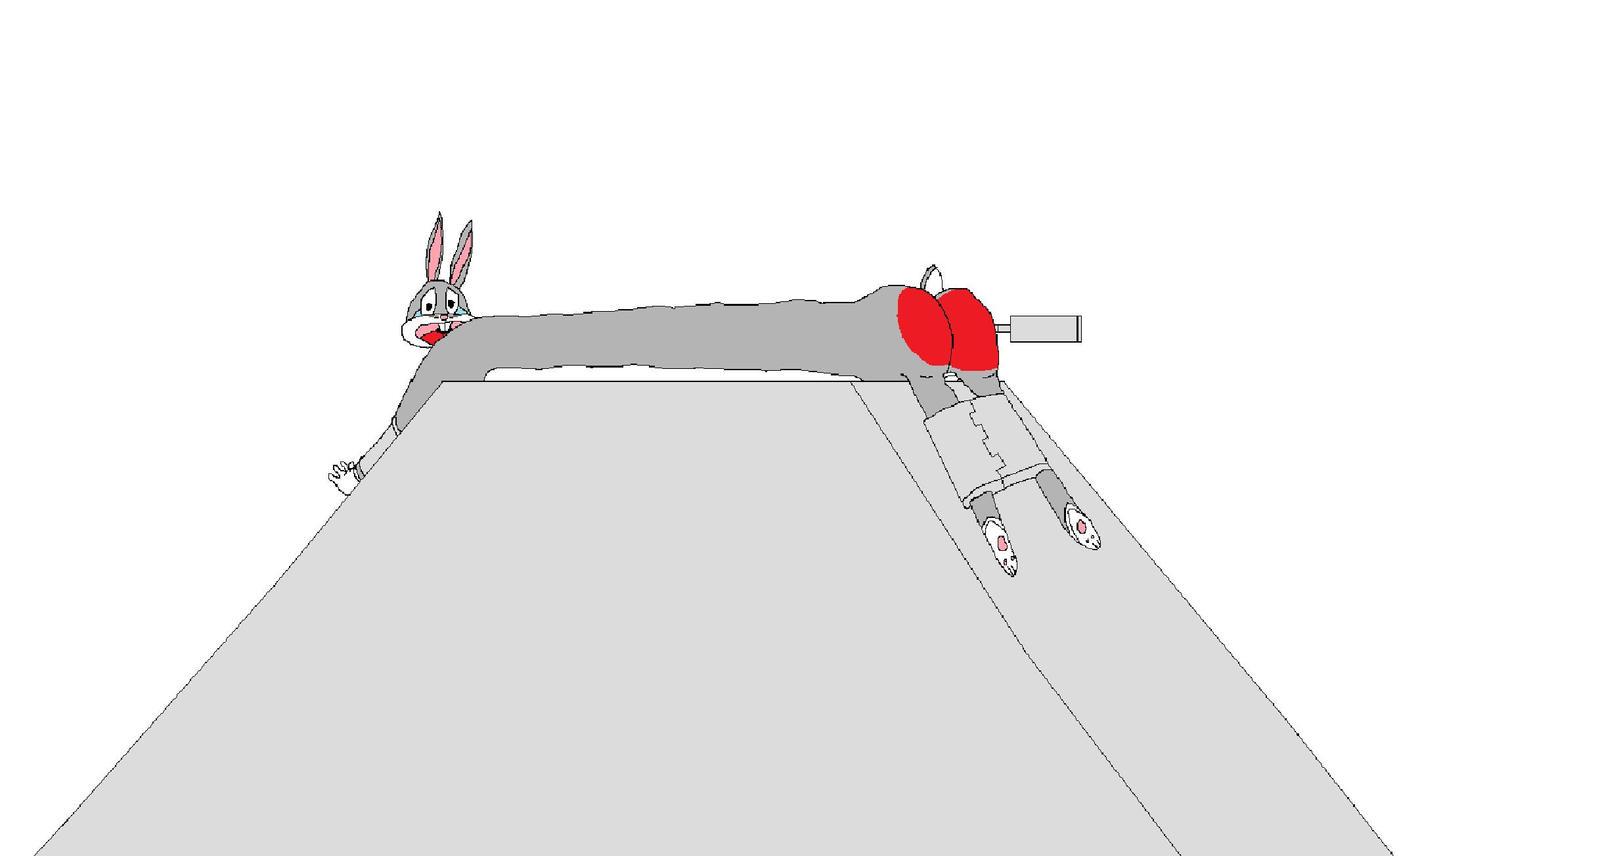 Spanking Machine - Bugs Bunny by Krypto451